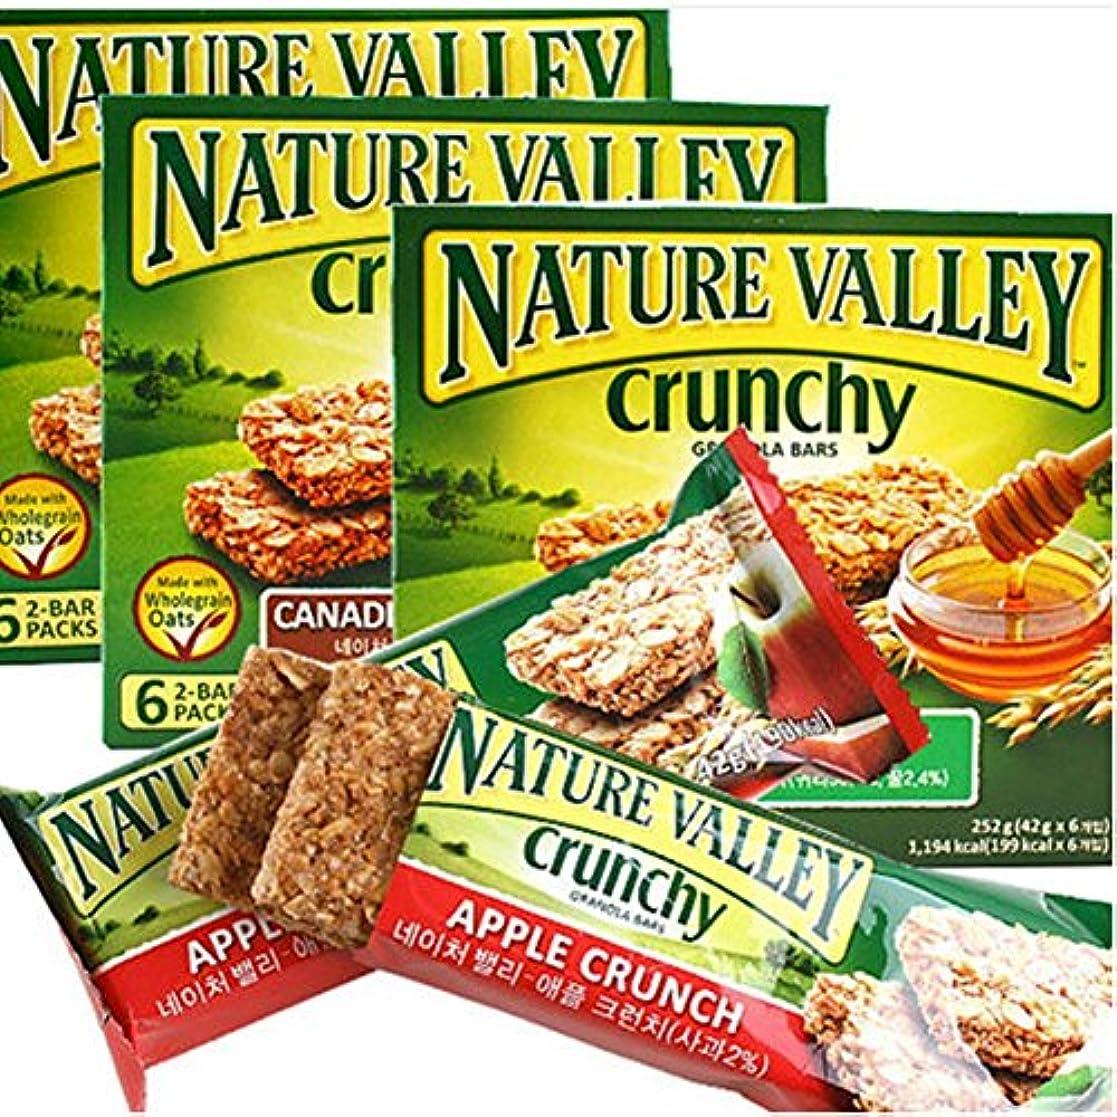 政治家豆変動する[ネイチャーバレー/Nature Valley] CANADIAN MAPLE SYRUP/ネイチャーバレークランチグラノーラバー42g5パックx3 Box - メープルシロップ(合計15袋)穀物バー/シリアル/栄養のバー[健康&ダイエット製品](海外直送品)